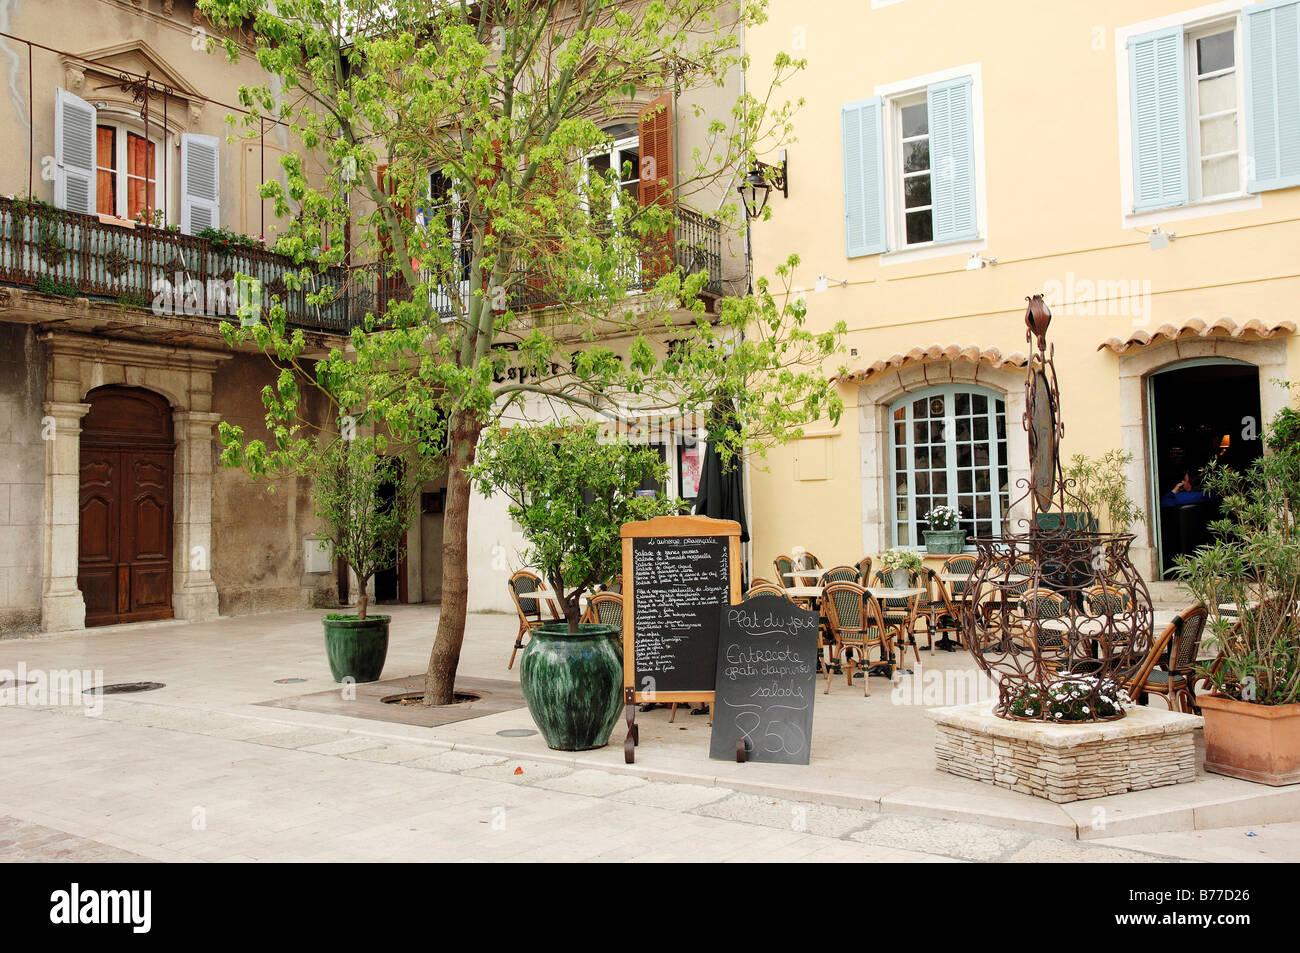 Restaurant, La Colle sur Loup, Alpes-Maritimes, Provence-Alpes-Cote d'Azur, Southern France, France, Europe, - Stock Image